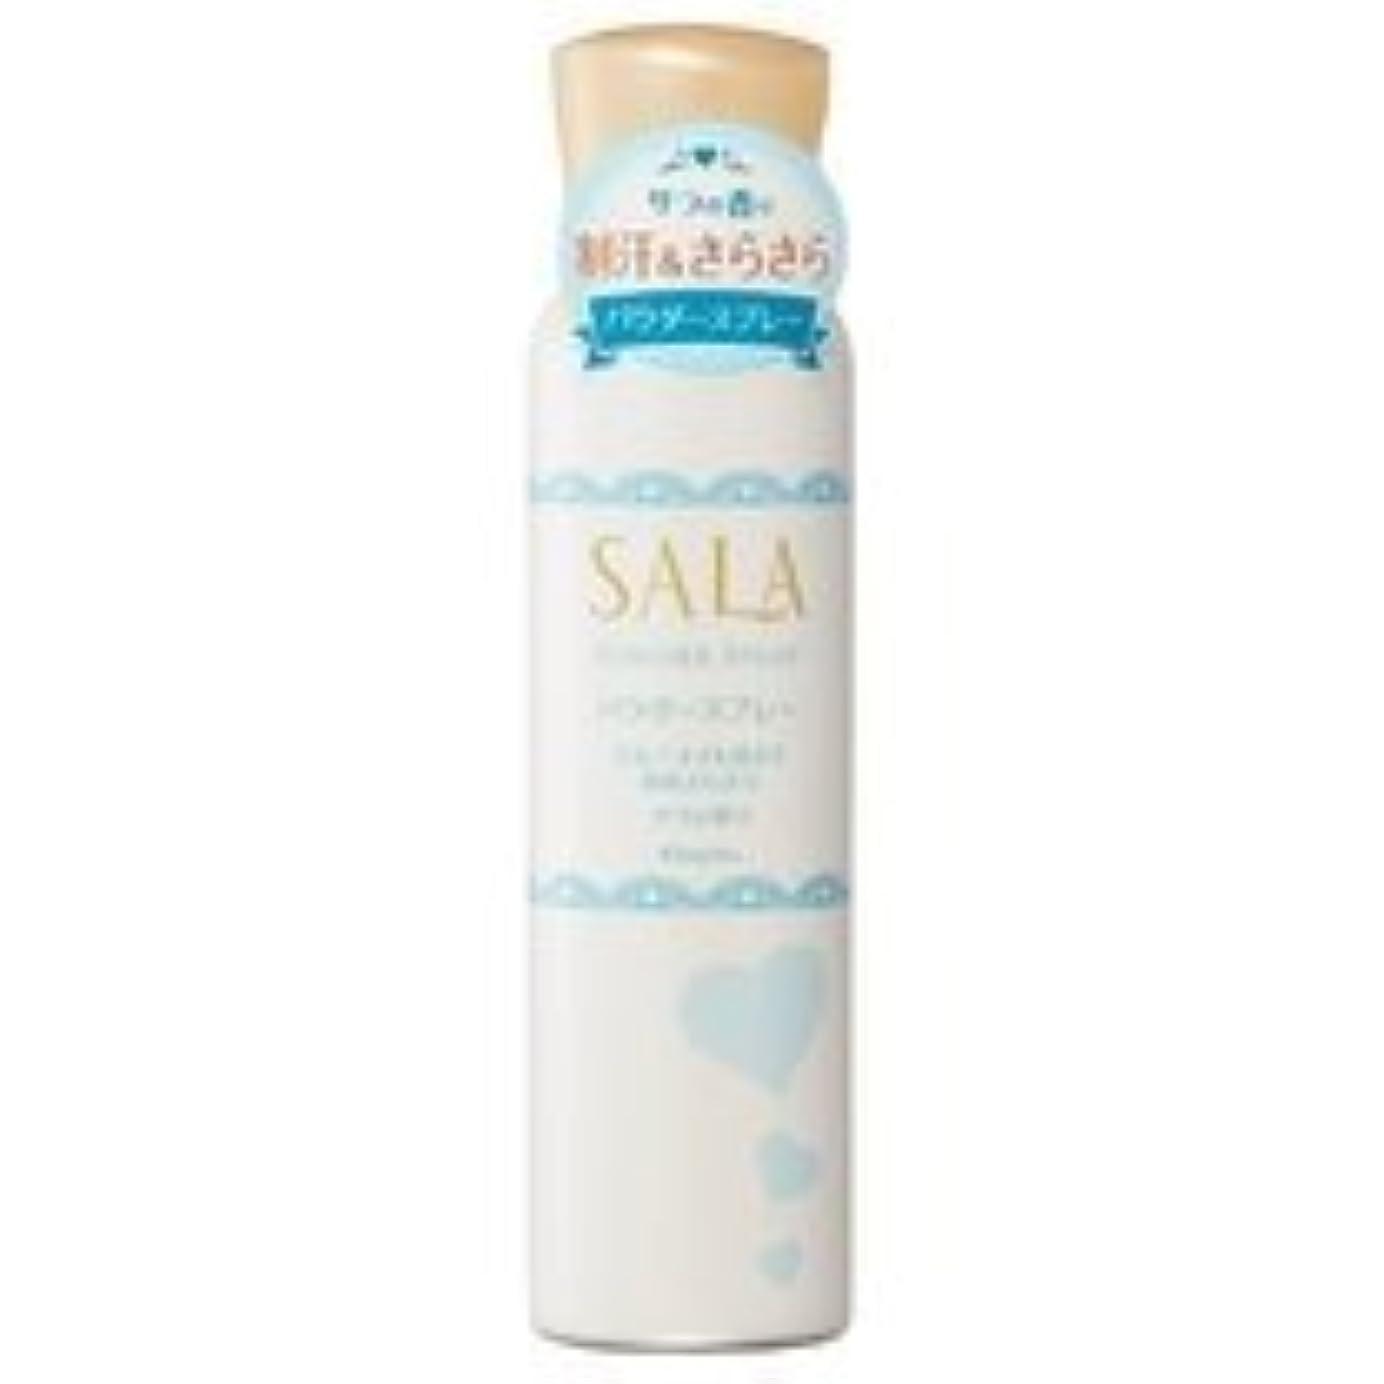 挽く忘れっぽい断線【カネボウ】SALA(サラ) パウダースプレーS サラの香り 90g (制汗剤)×2